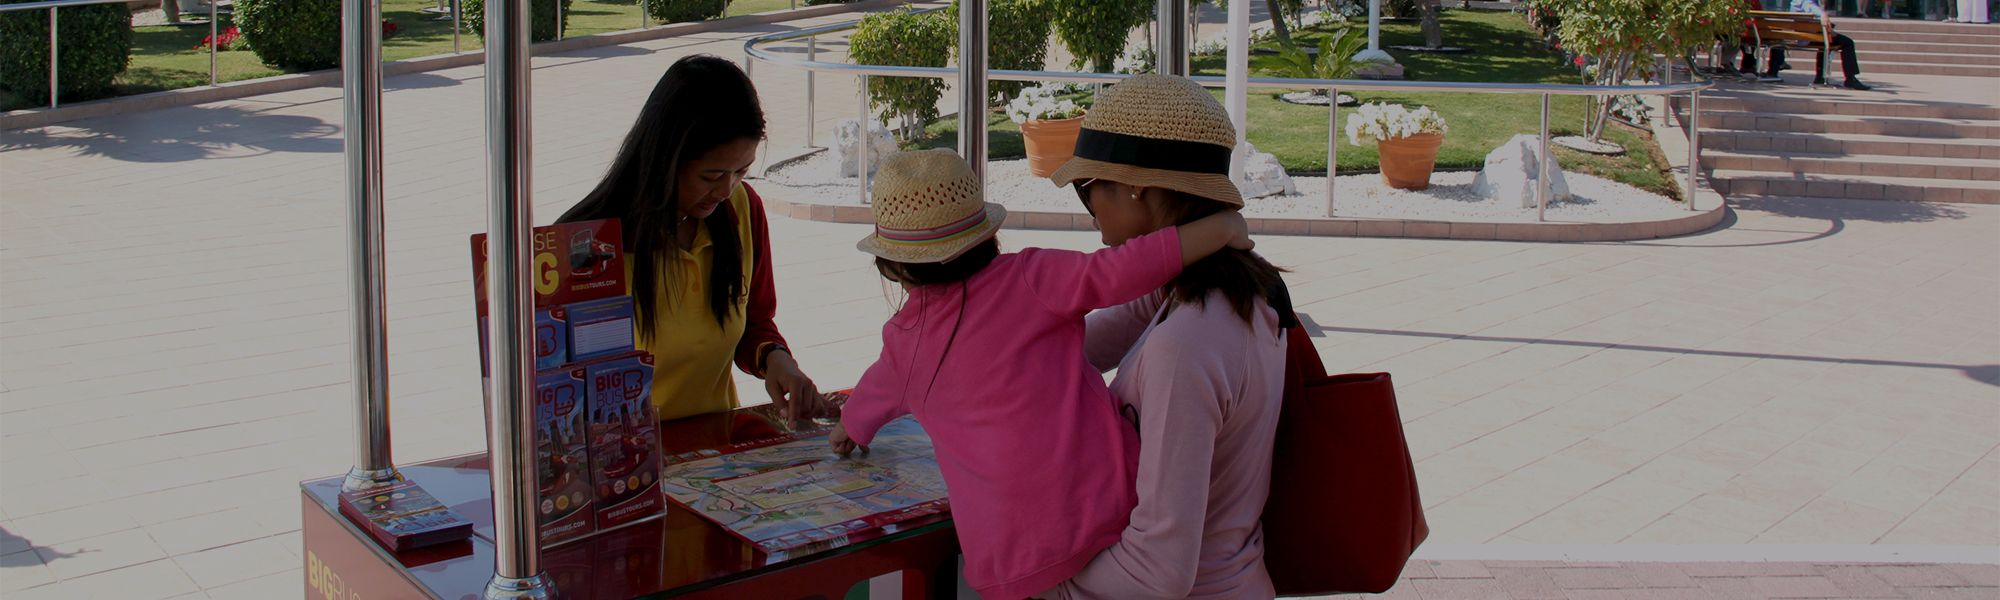 Big Bus Mitarbeiter helfen Mutter und Tochter in Abu Dhabi